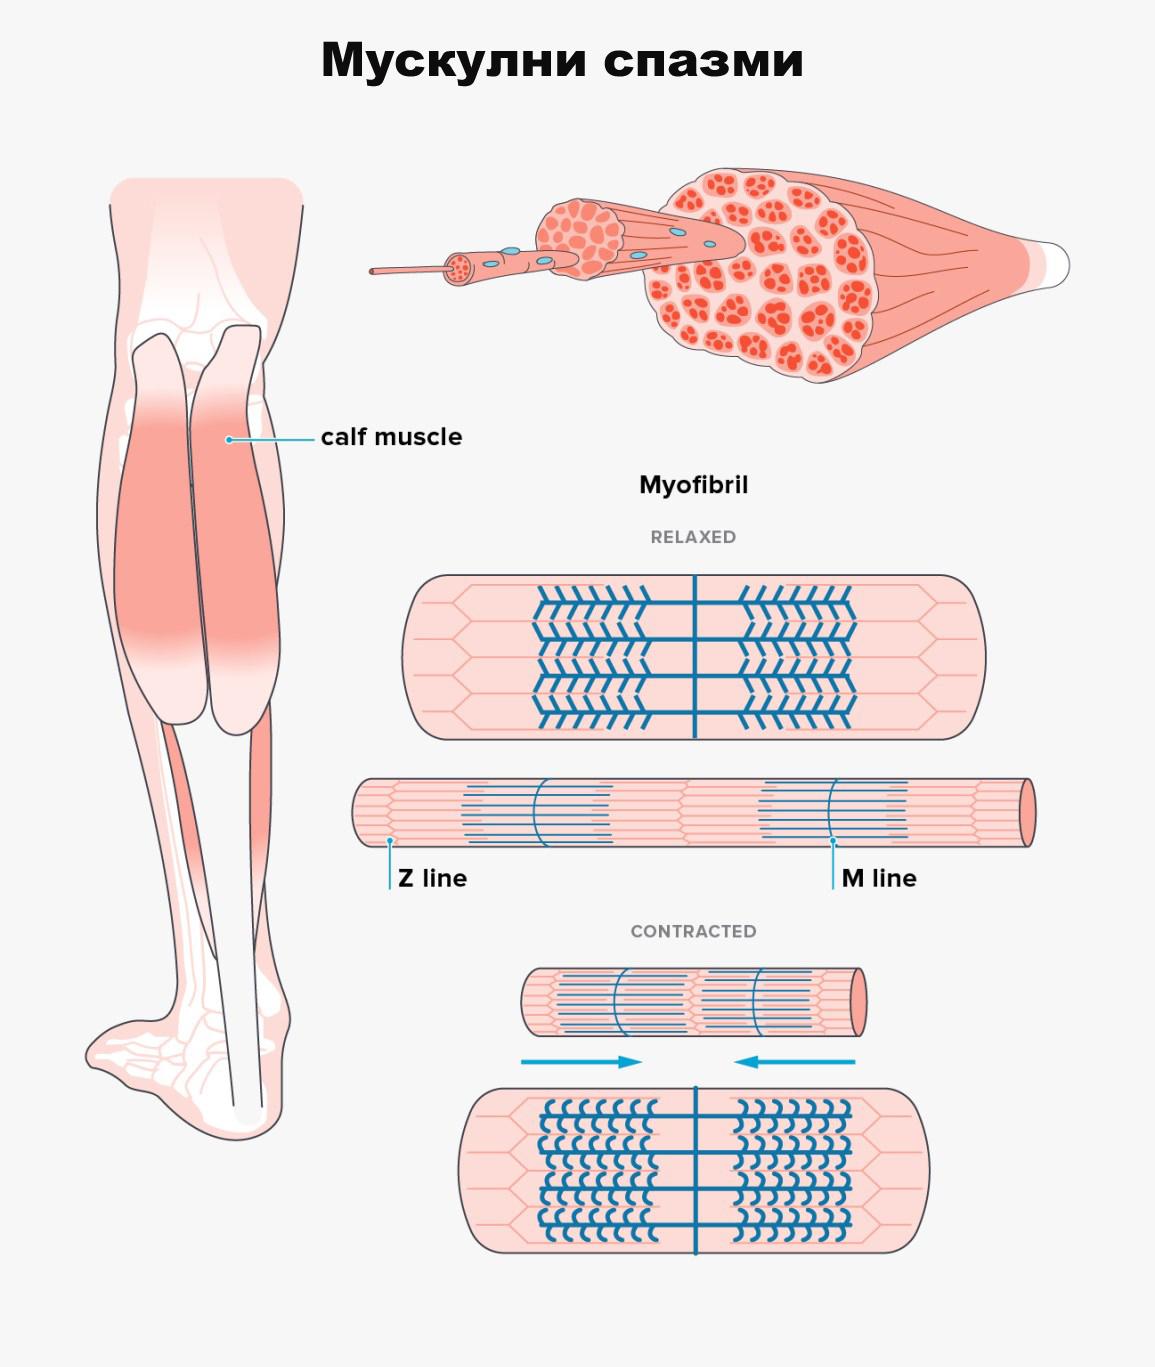 спазъм на мускулите